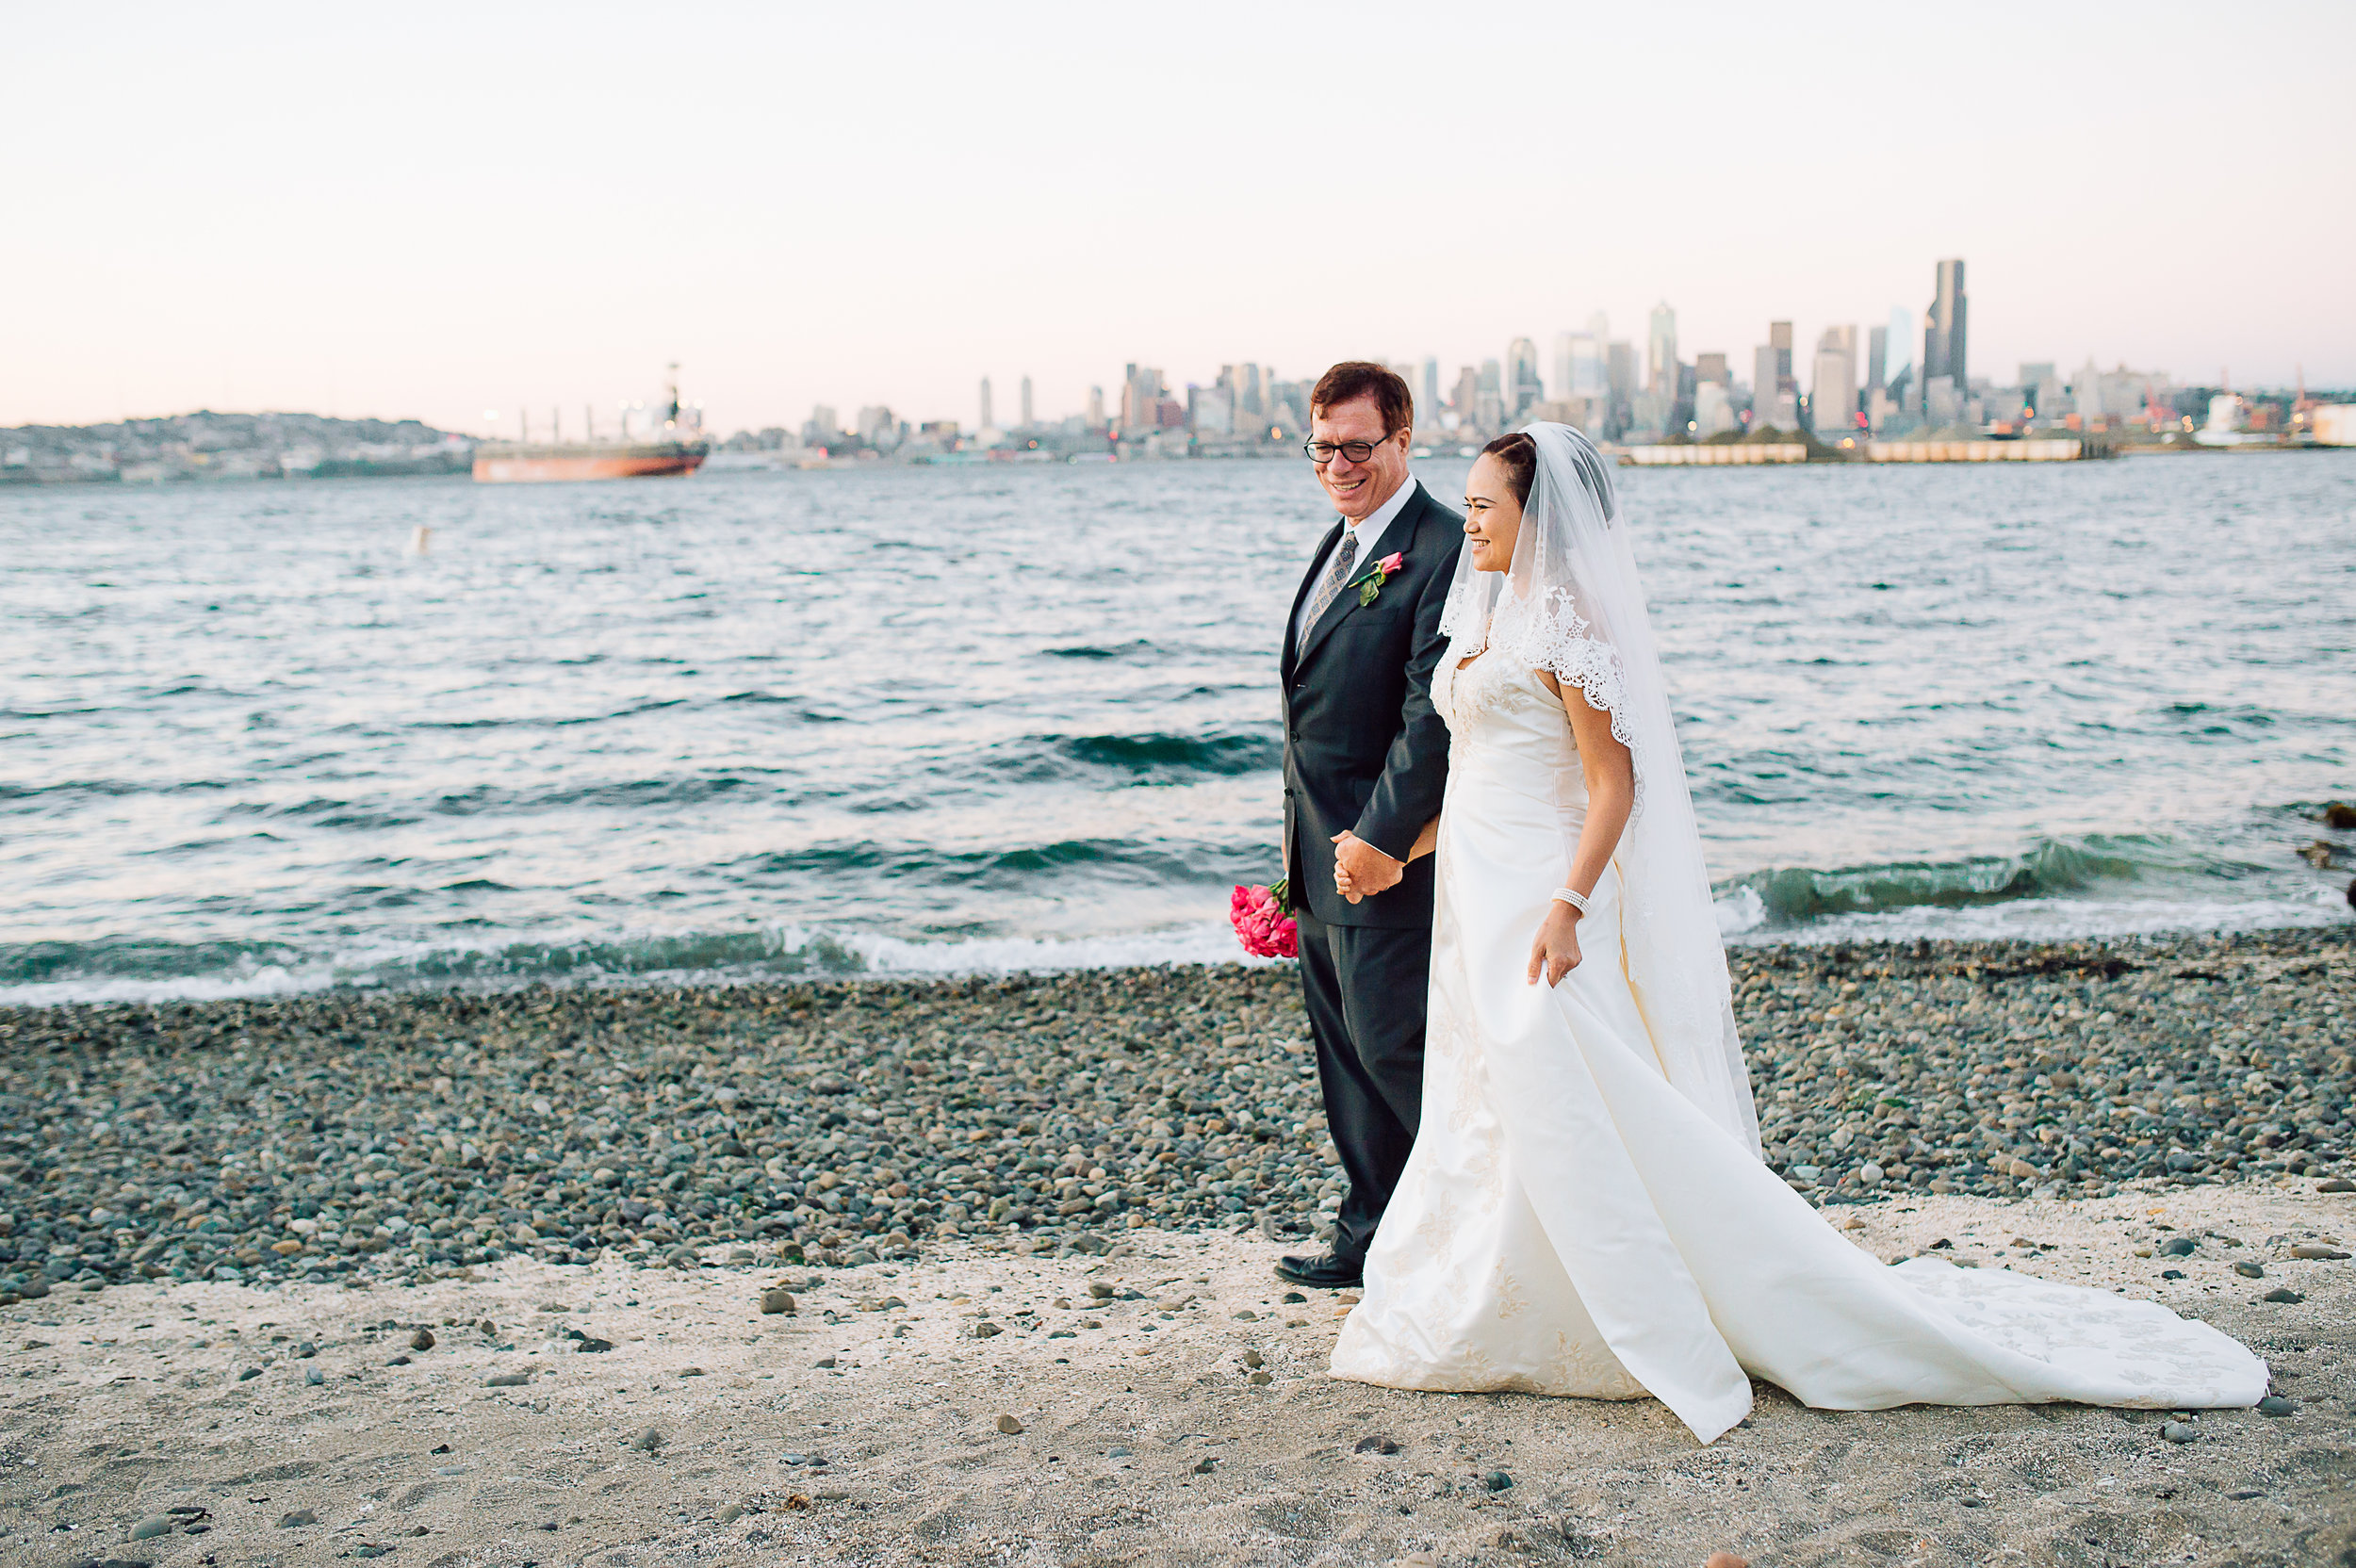 destinationwedding_Seattle_virginiaphotographer_youseephotography_LidiaOtto (743).jpg